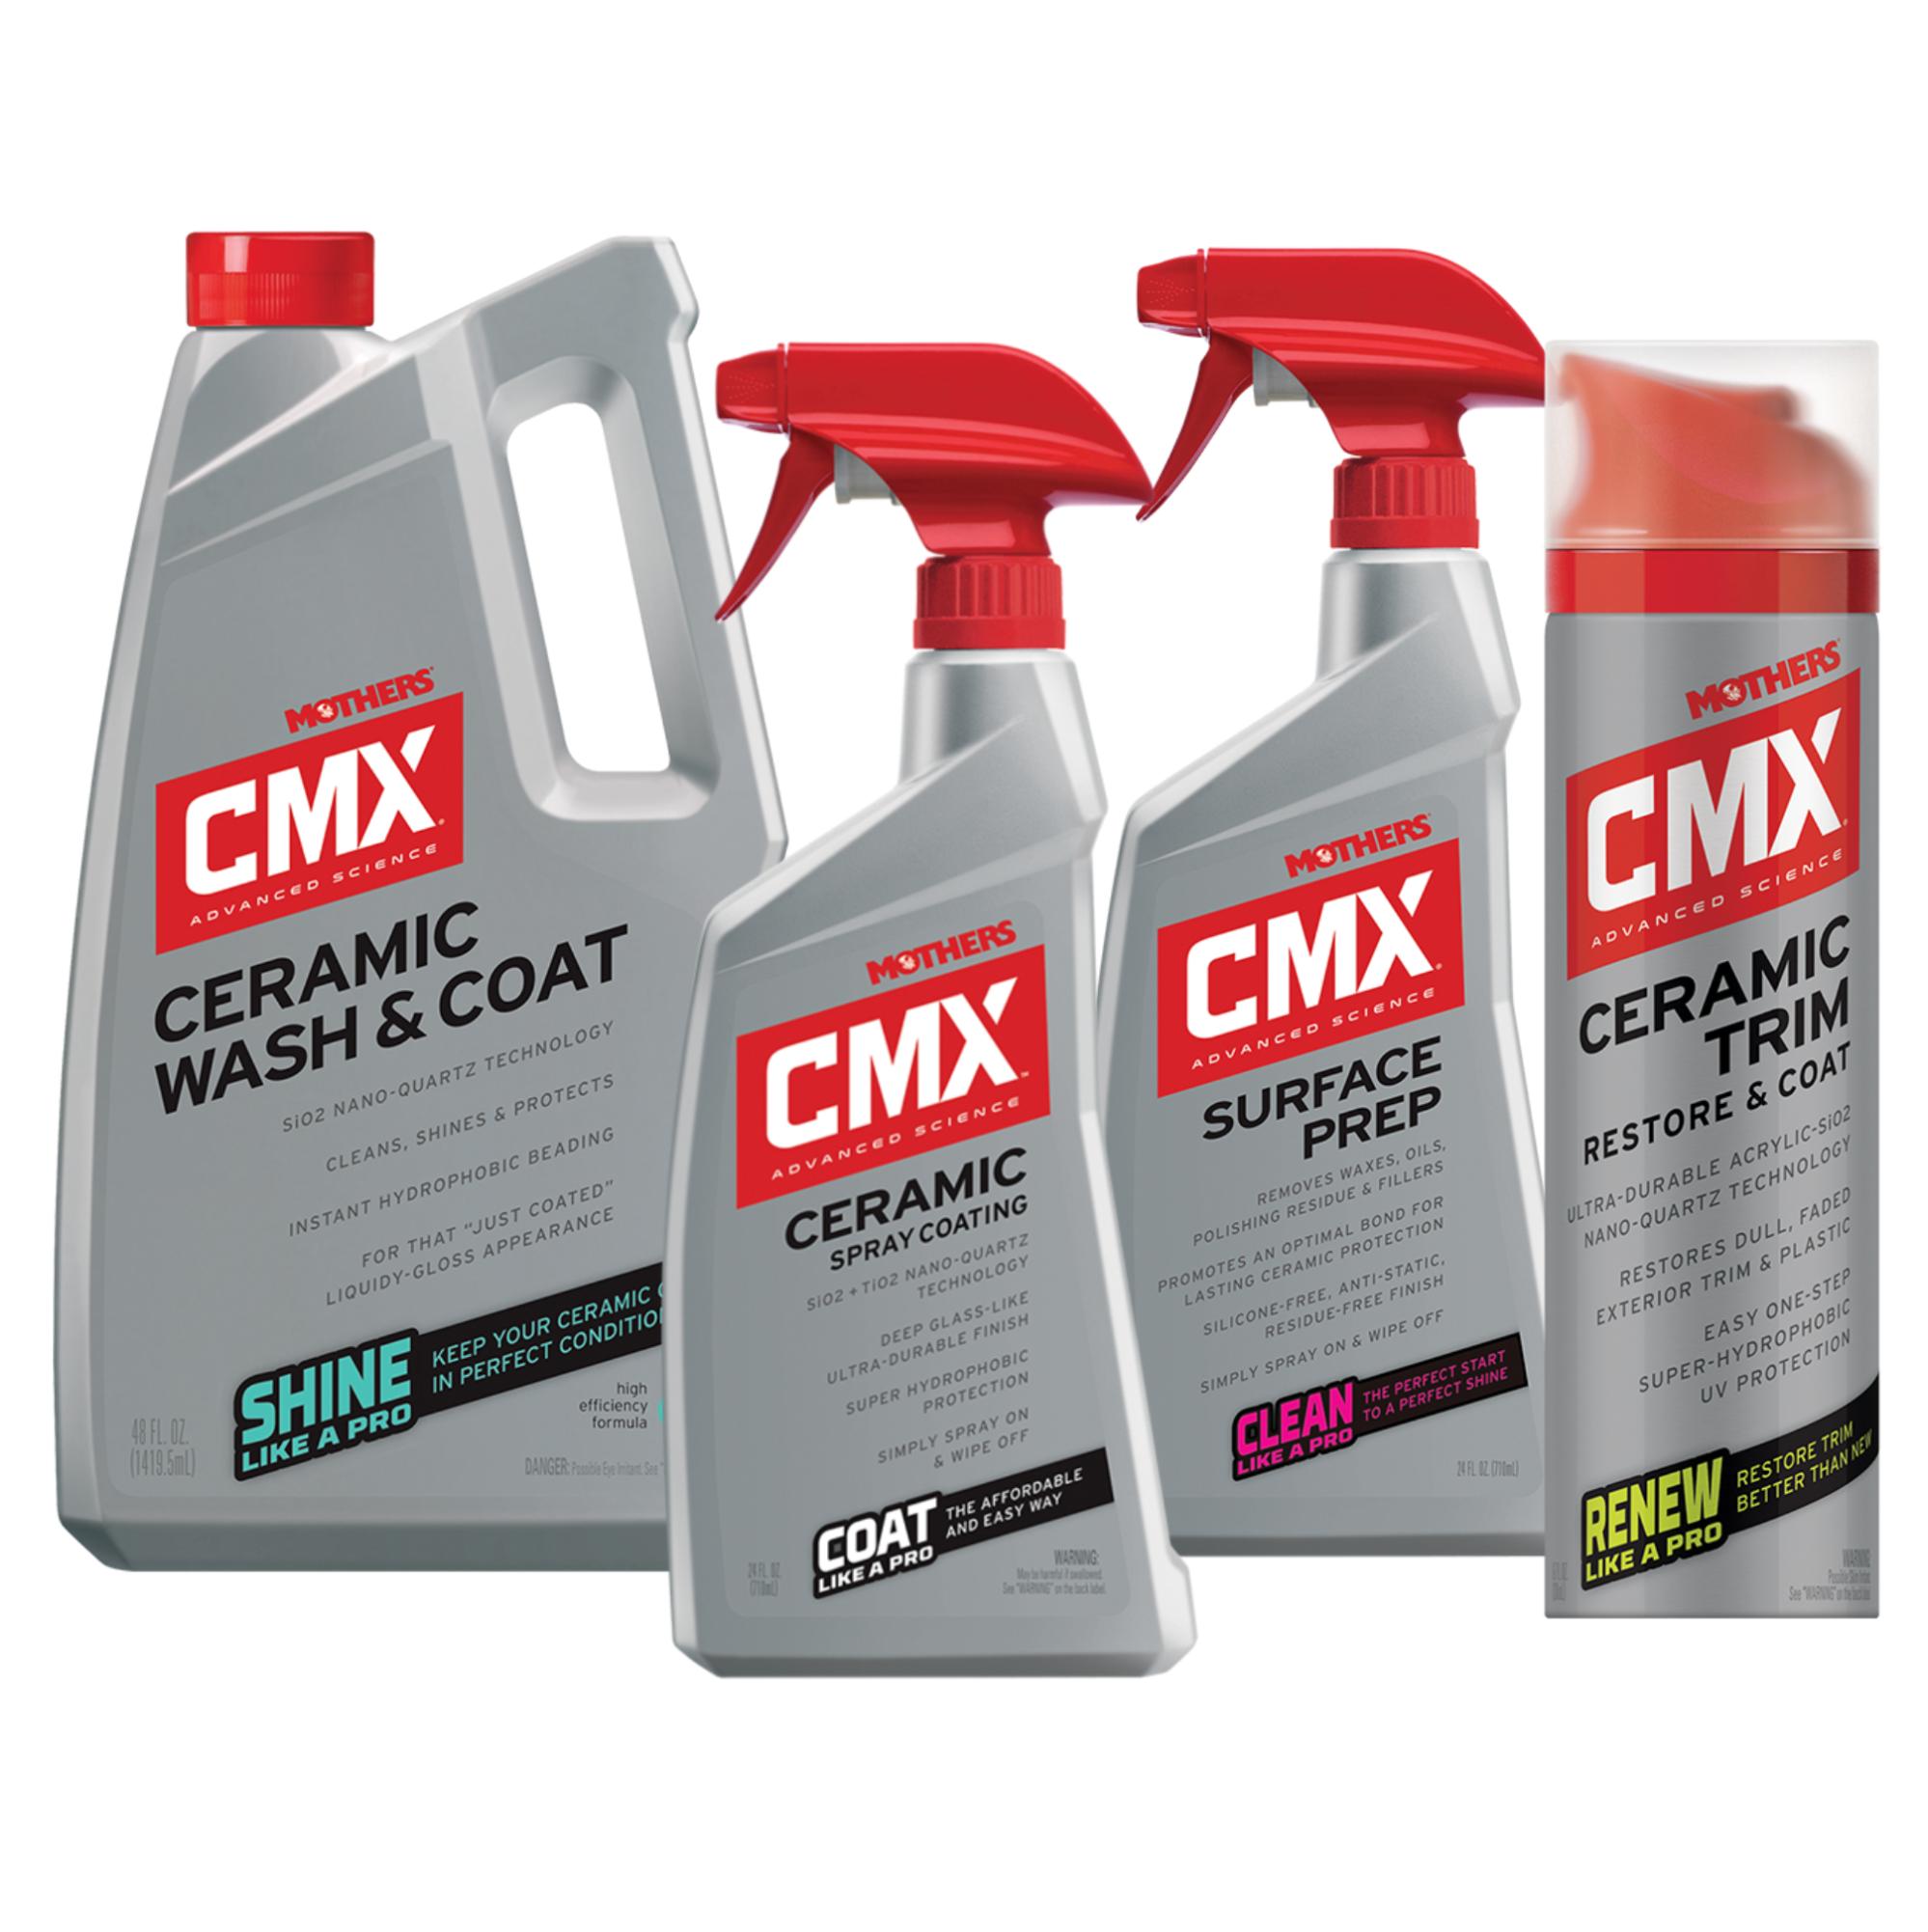 Mothers CMX Ceramic Kit